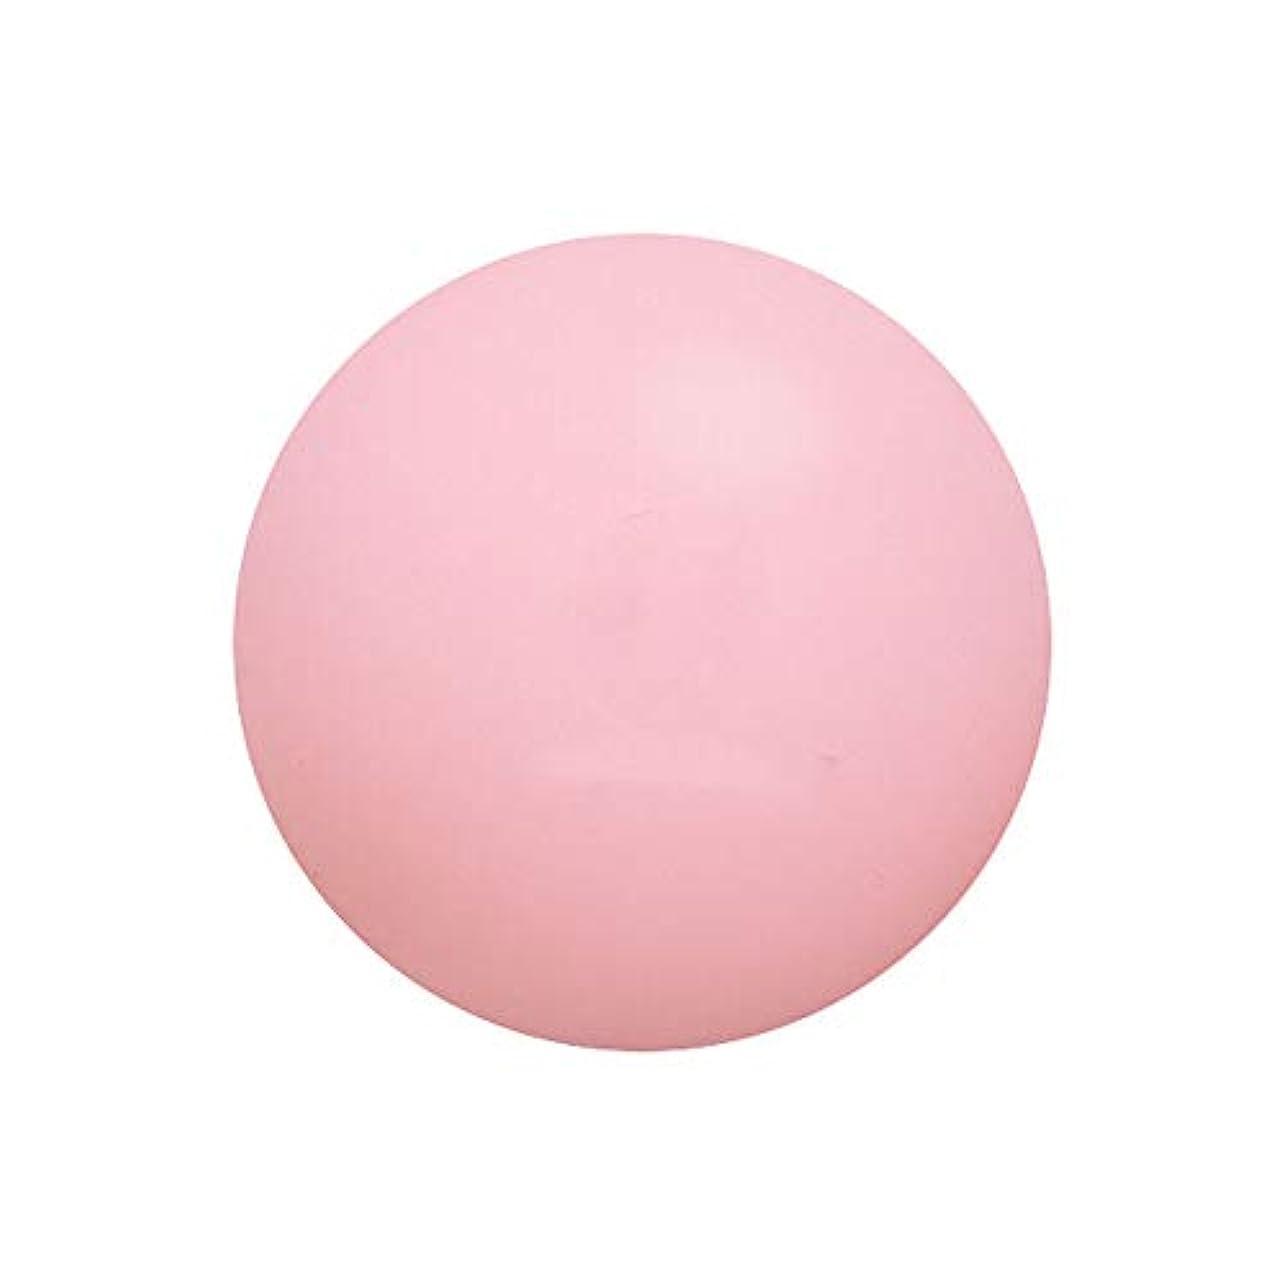 不正直ナチュラル診断する筋肉をなだめる筋膜ボール深いなだめるリリーフリリーフ痛み痛みフィットネスボールヨガボール形状ライングリーンピンク6.5 cm 3ピース